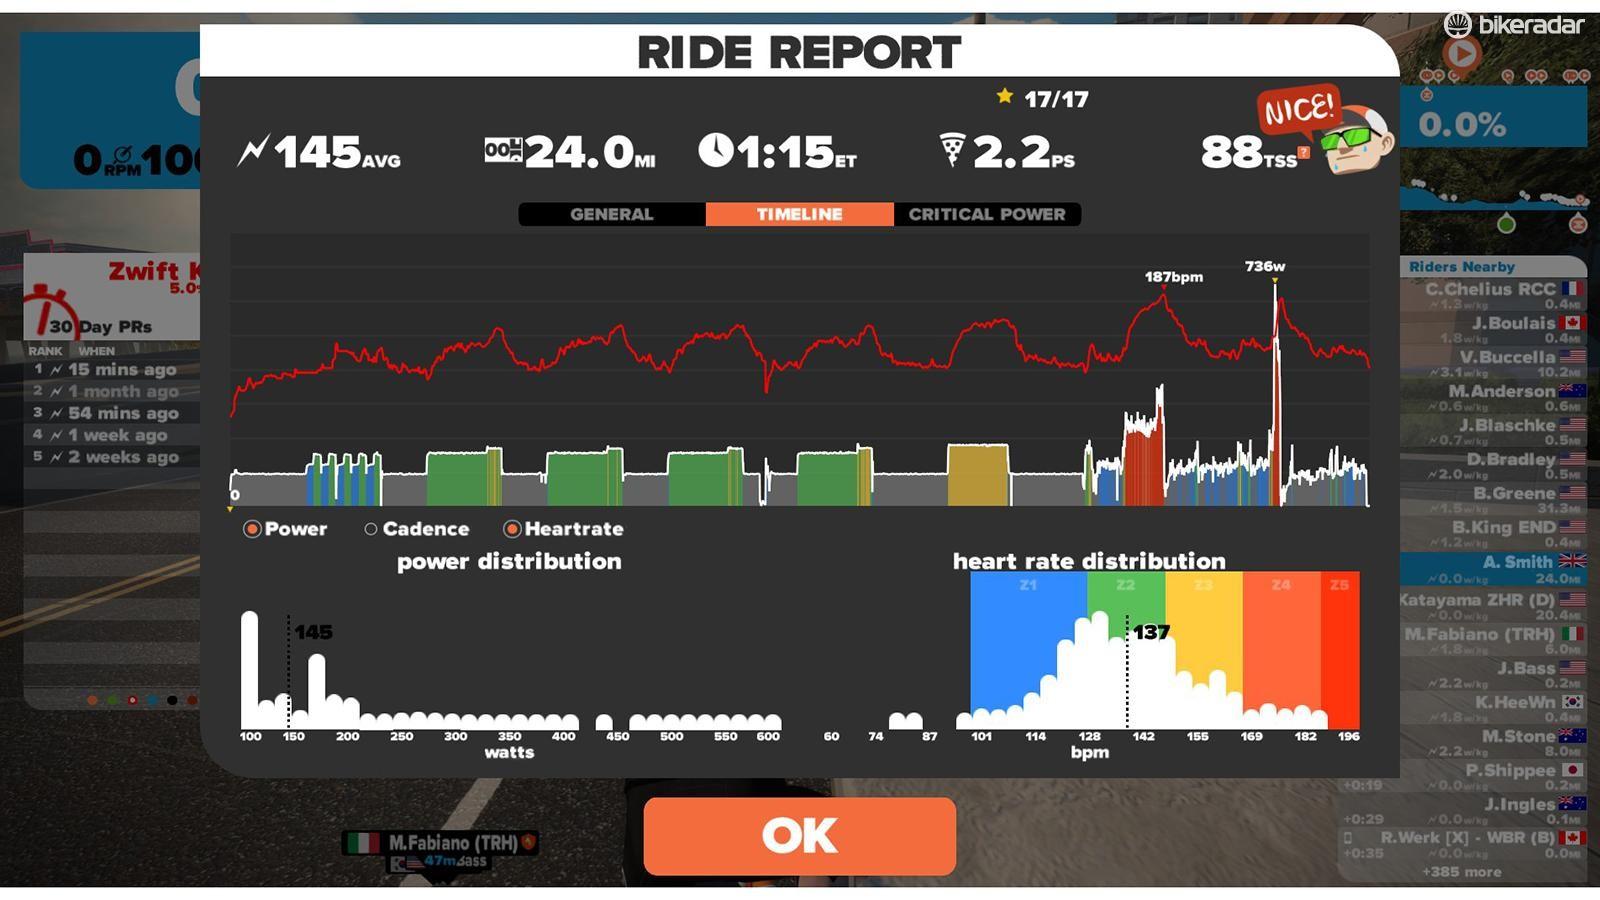 Understand your Zwift Ride rRport